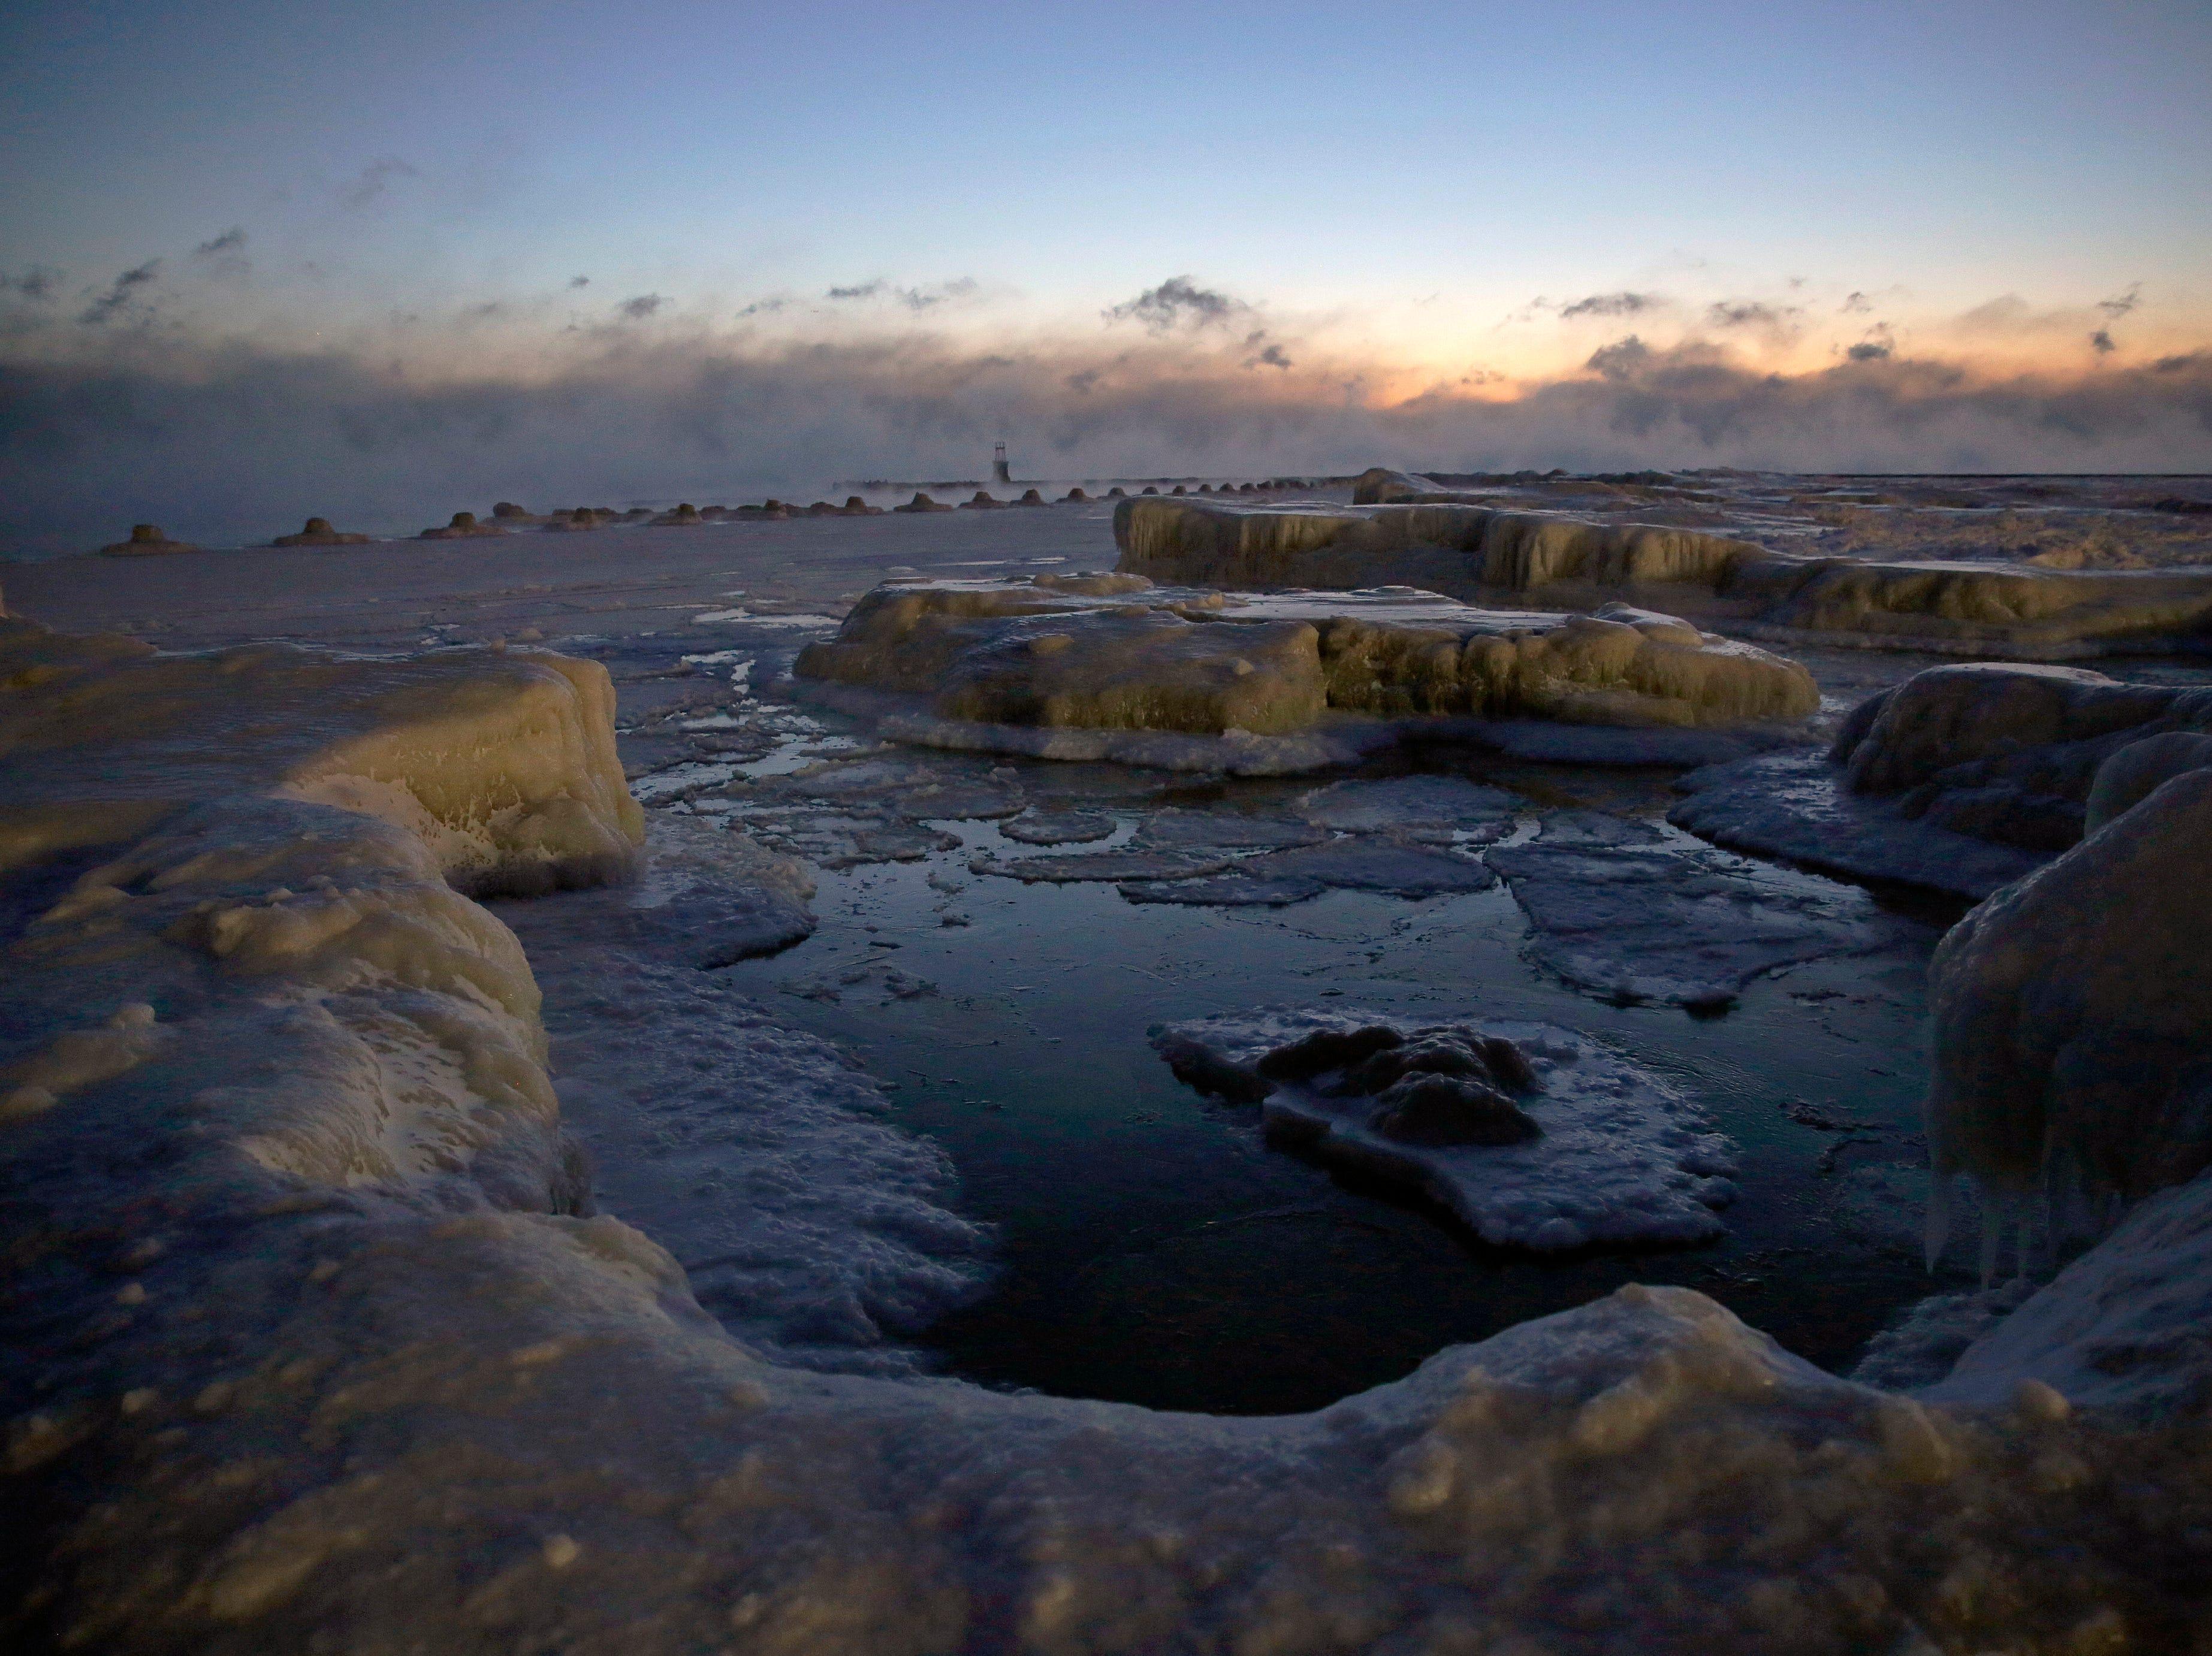 El hielo se forma a lo largo de la orilla del lago Michigan antes del amanecer, el miércoles 30 de enero de 2019, en Chicago.